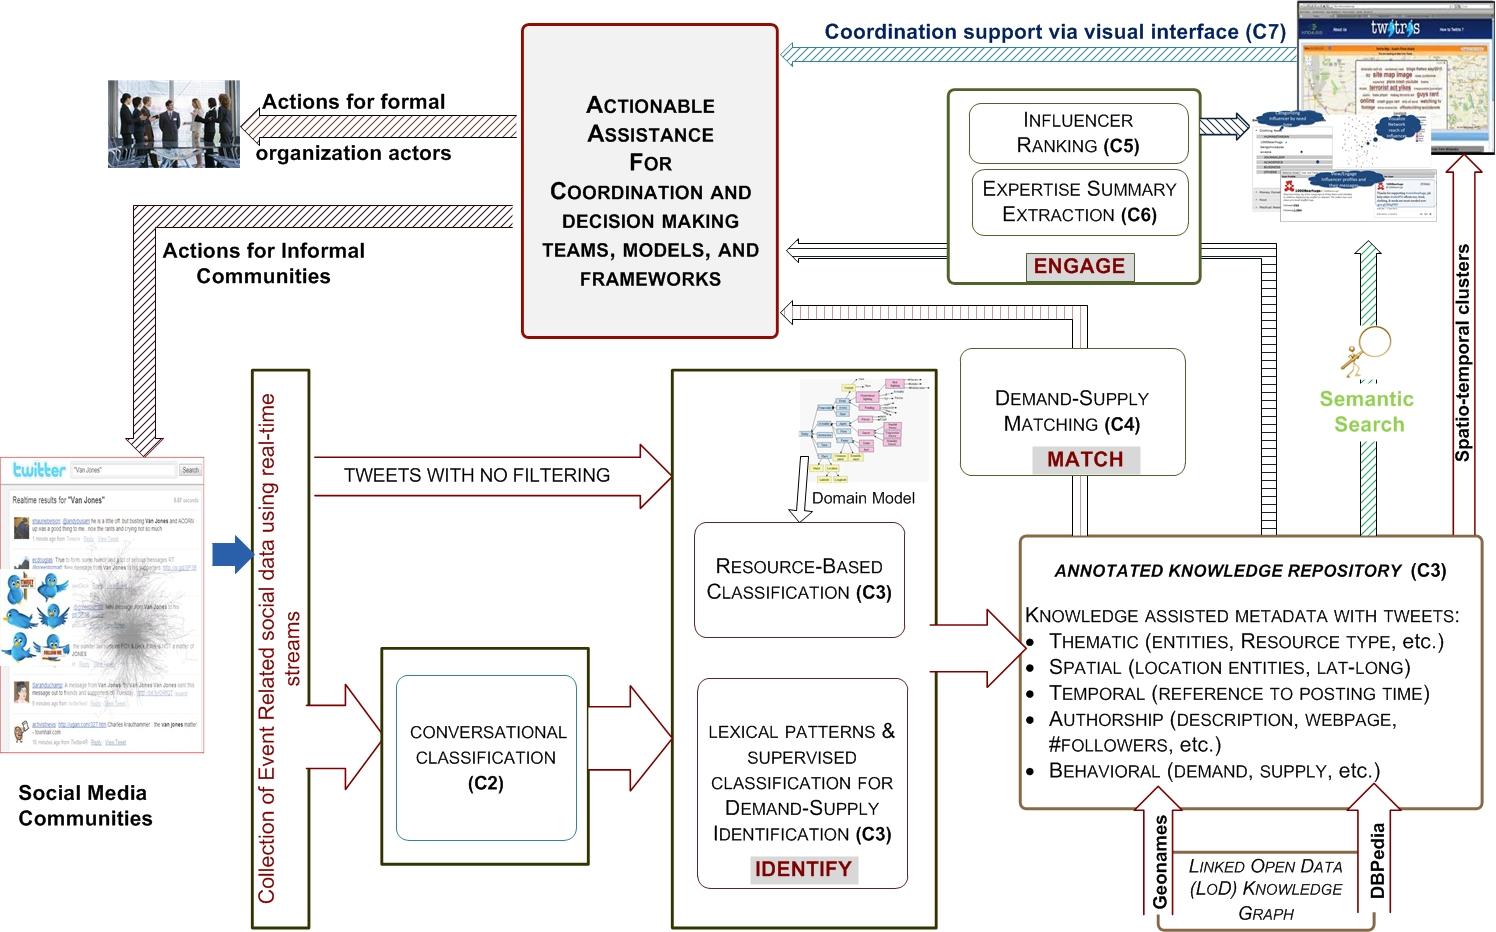 CoordinationAnalysisFramwork-v3.jpg